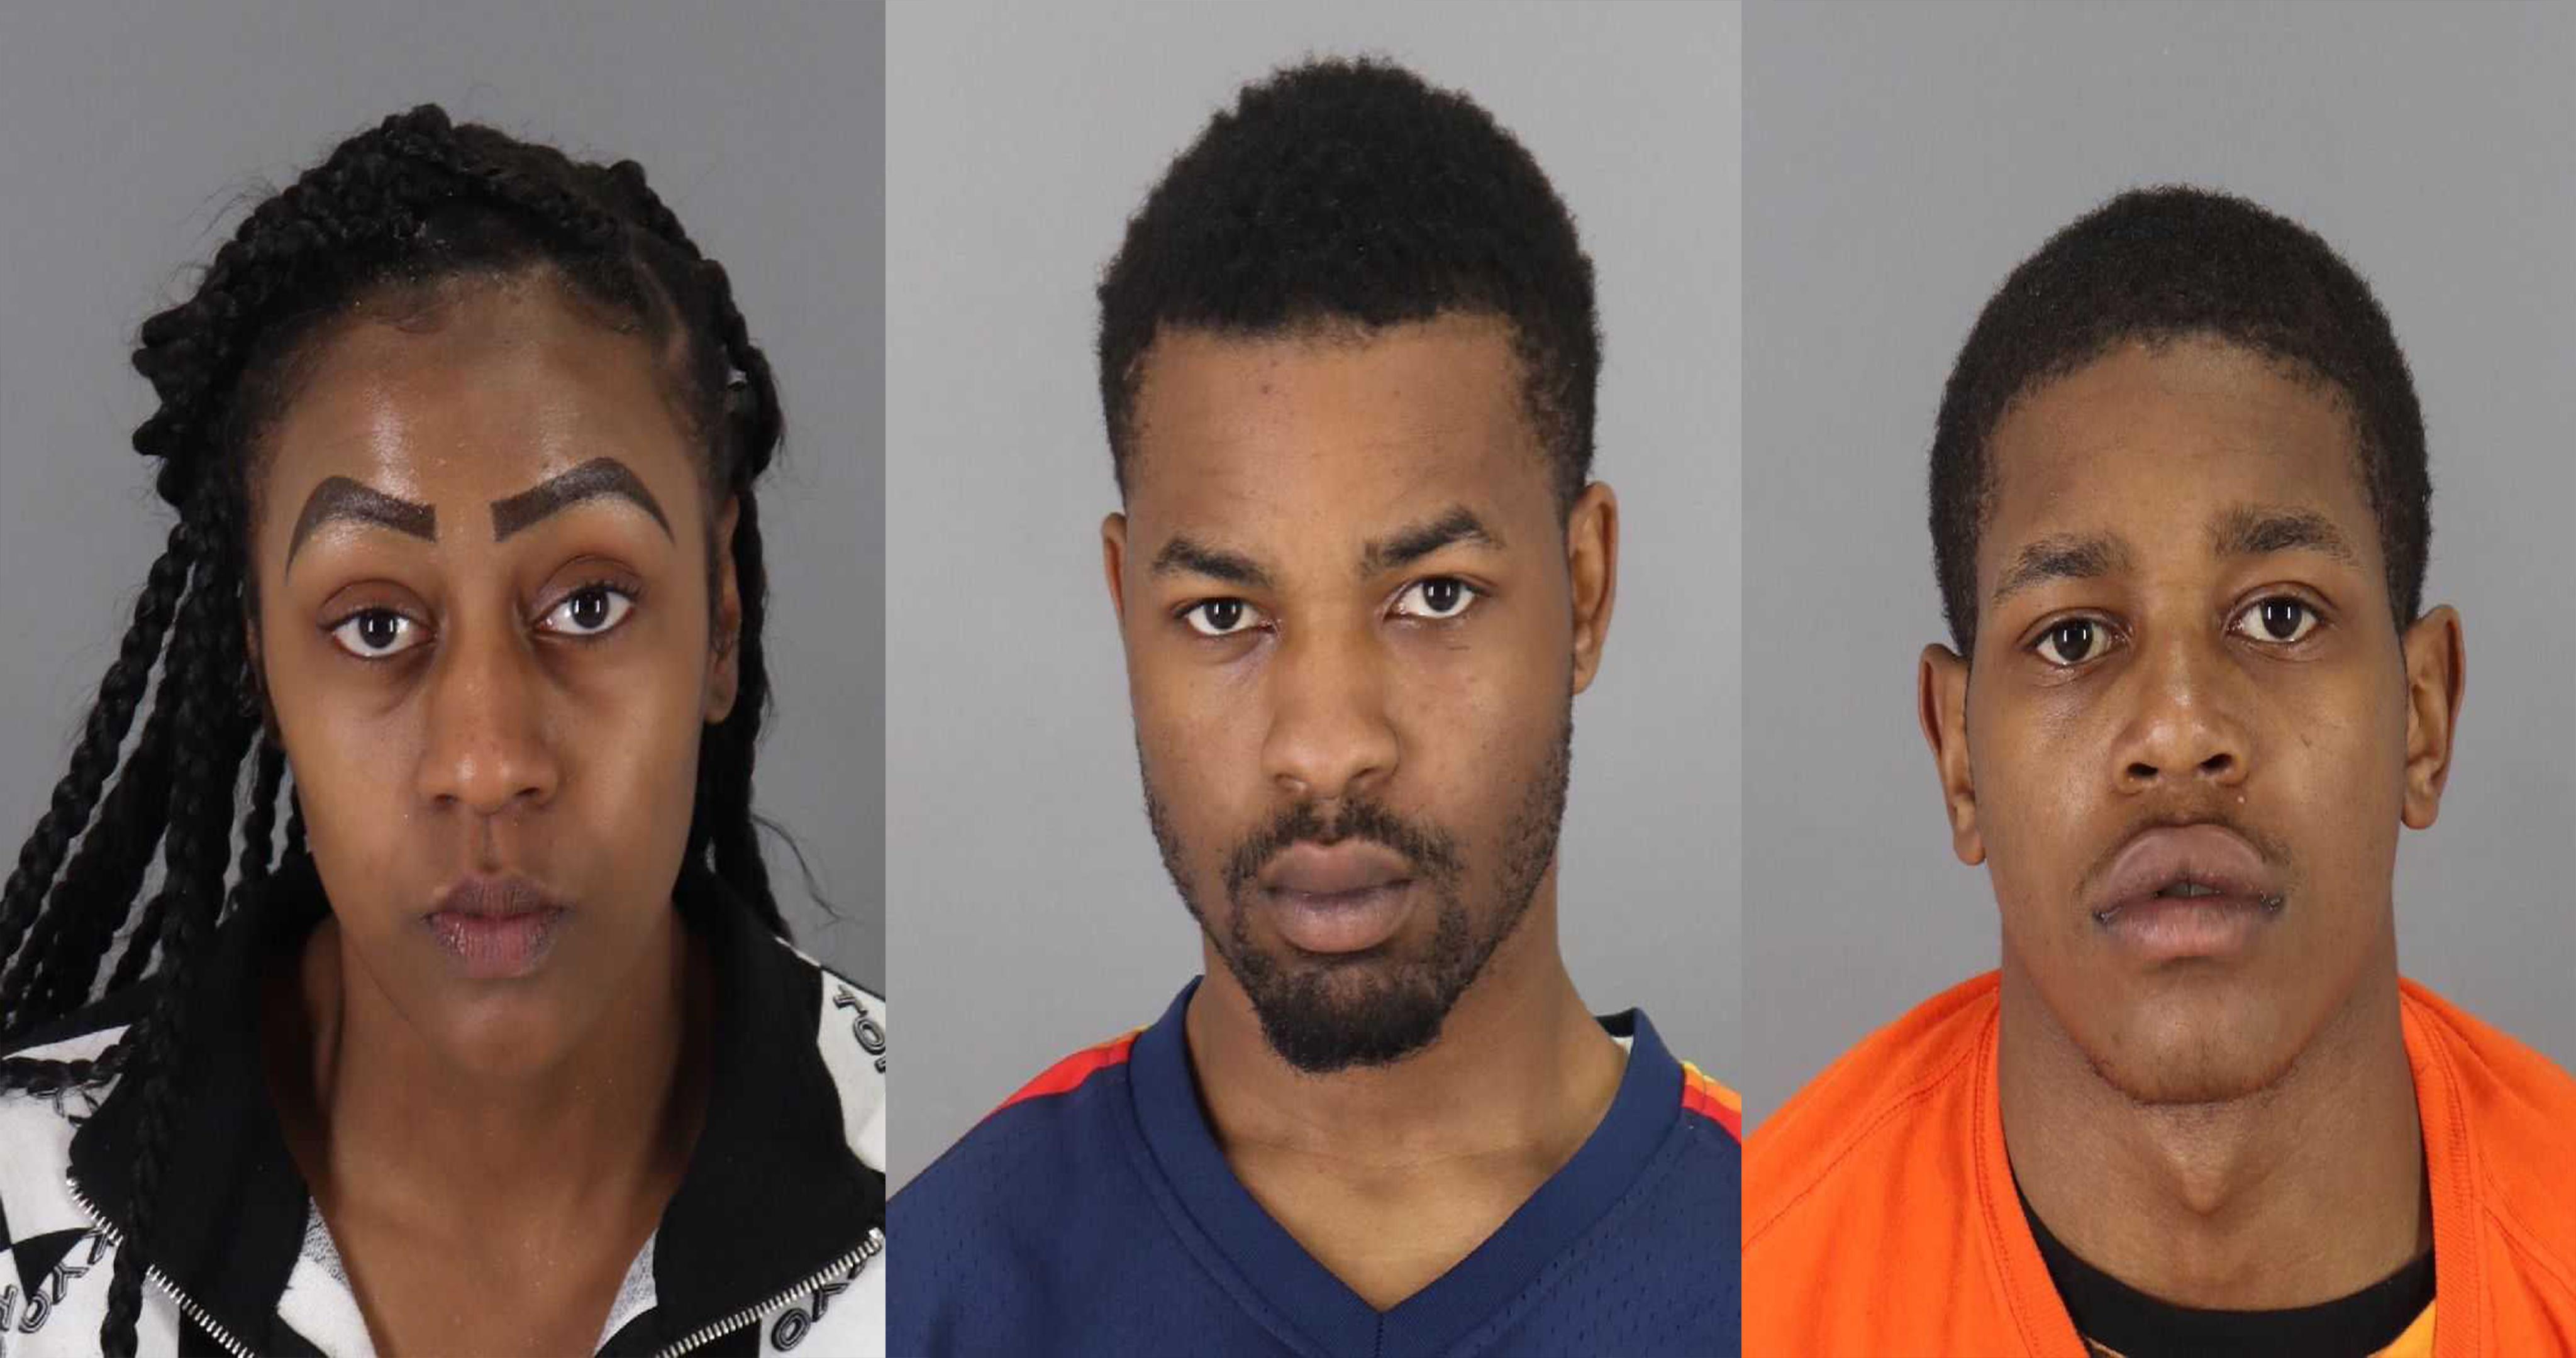 san mateo police arrest 3 auto burglary suspects following brief chase san mateo police arrest 3 auto burglary